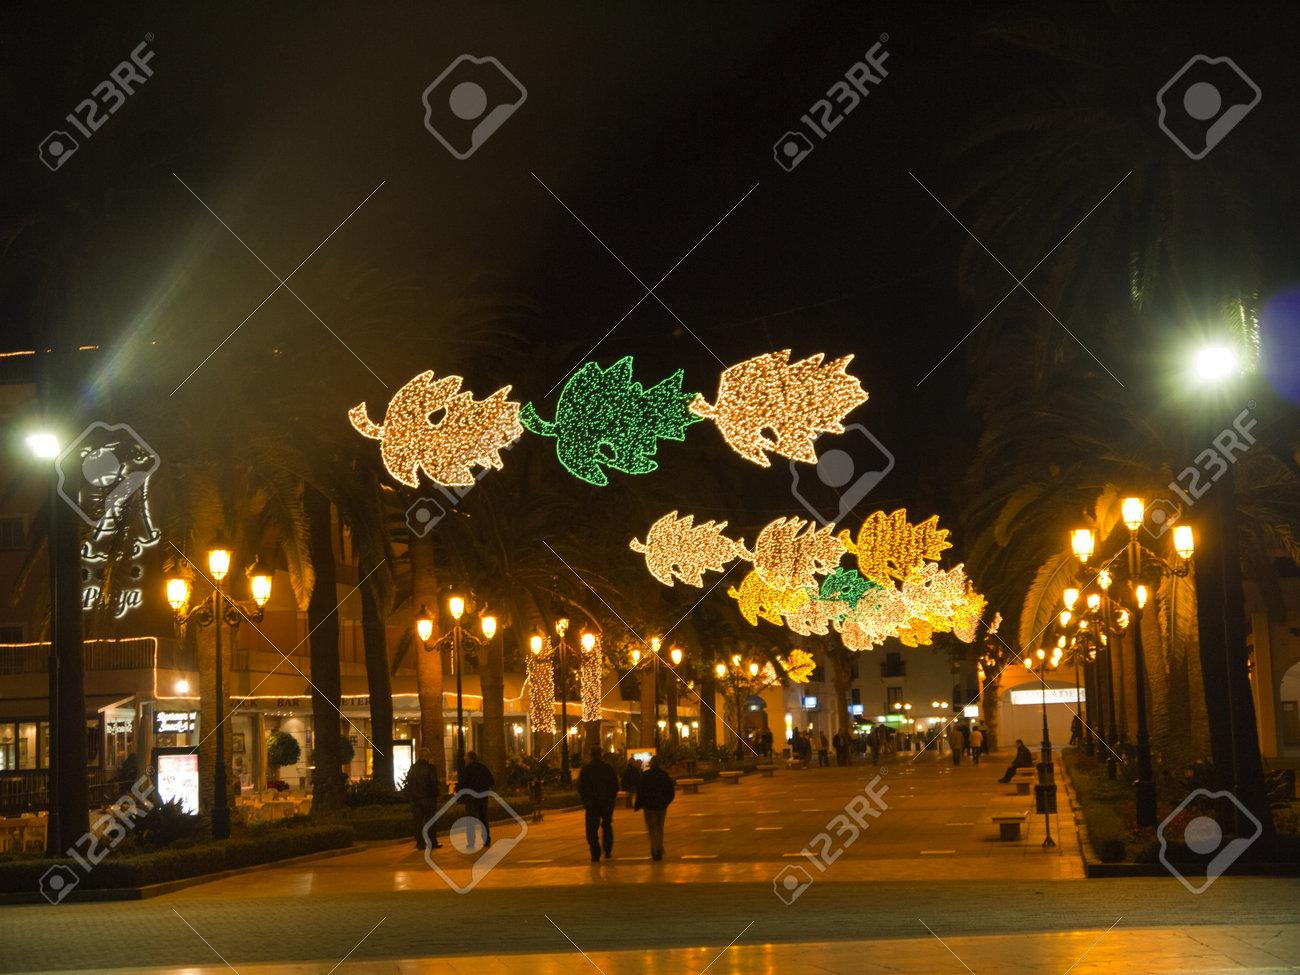 Les Decorations De Noel A Nerja Andalousie Espagne Banque D Images